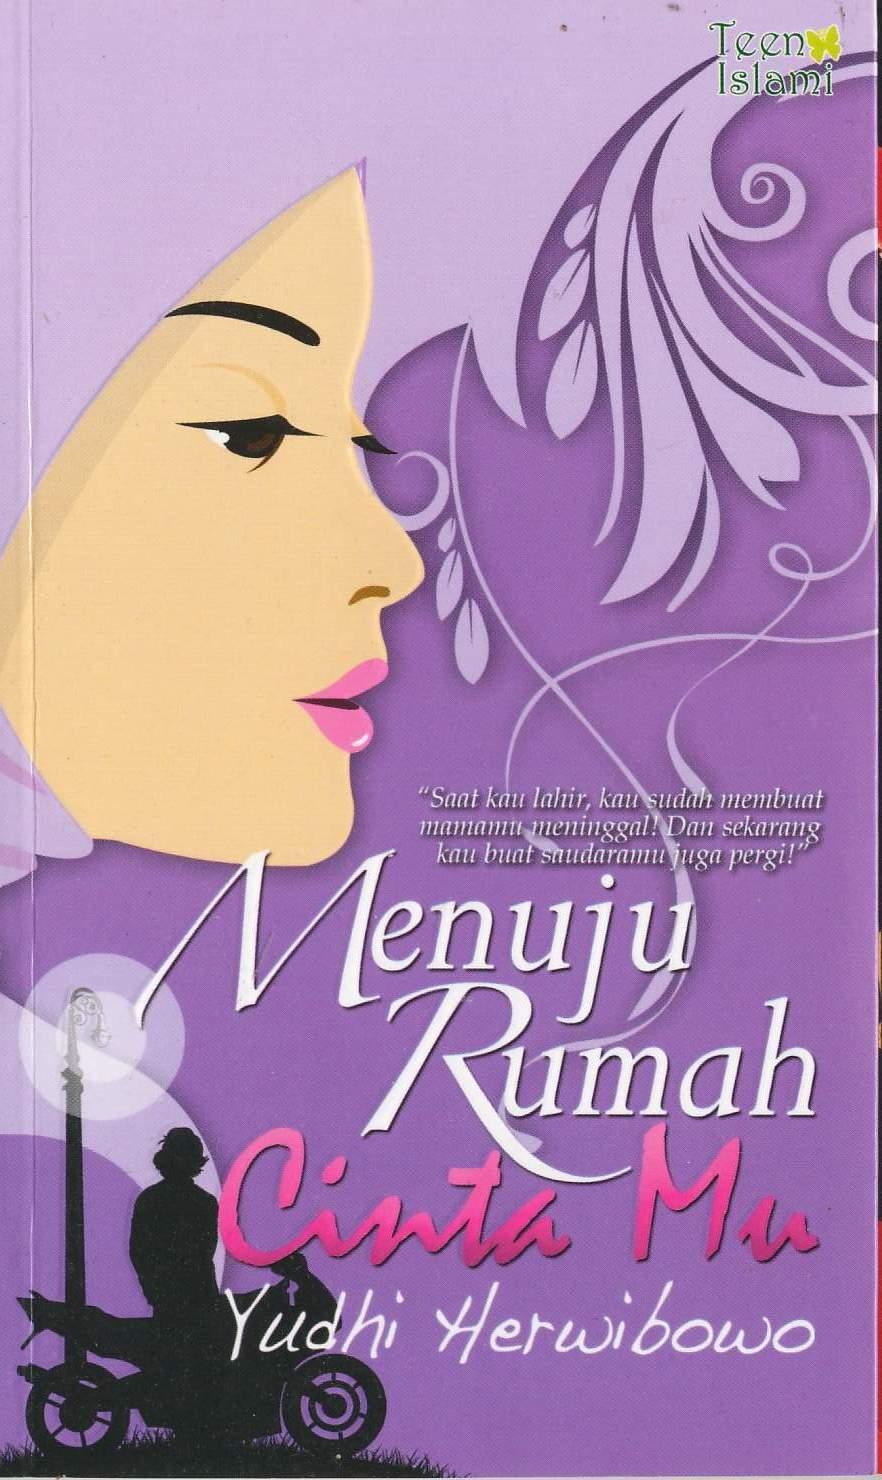 Menuju Rumah CInta-Mu (edisi Malaysia)